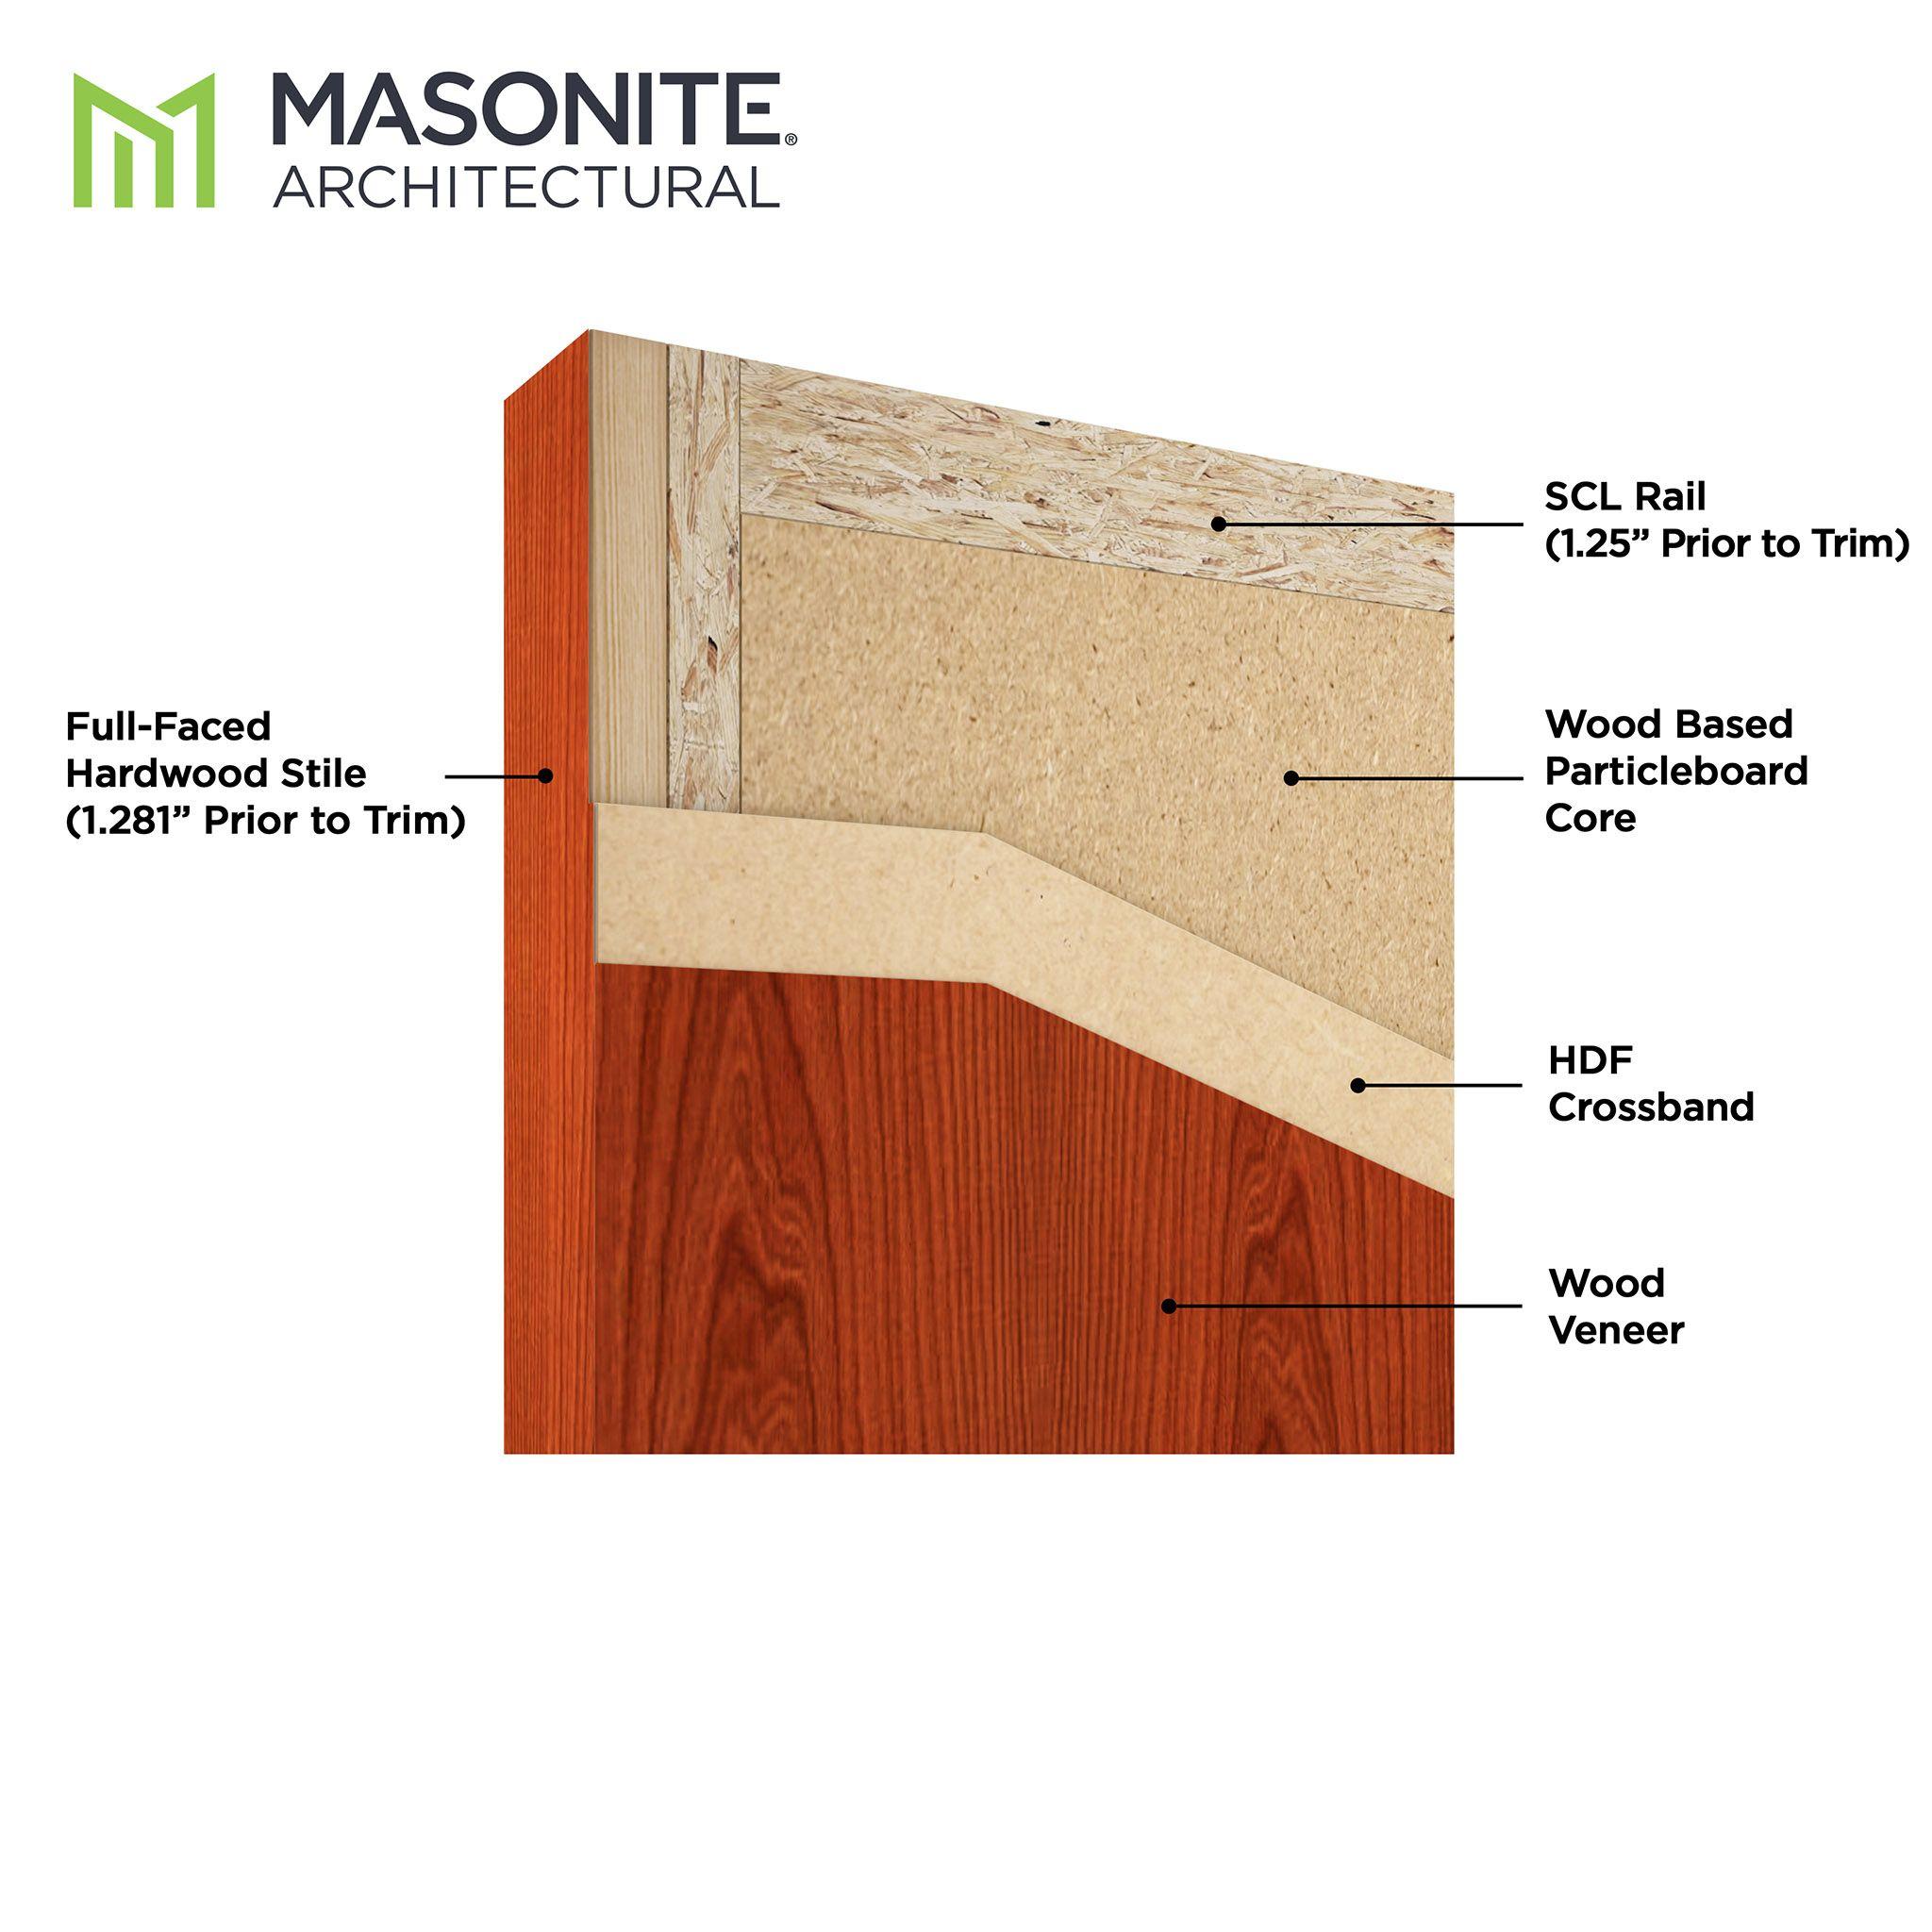 aspiro wood veneer illustration